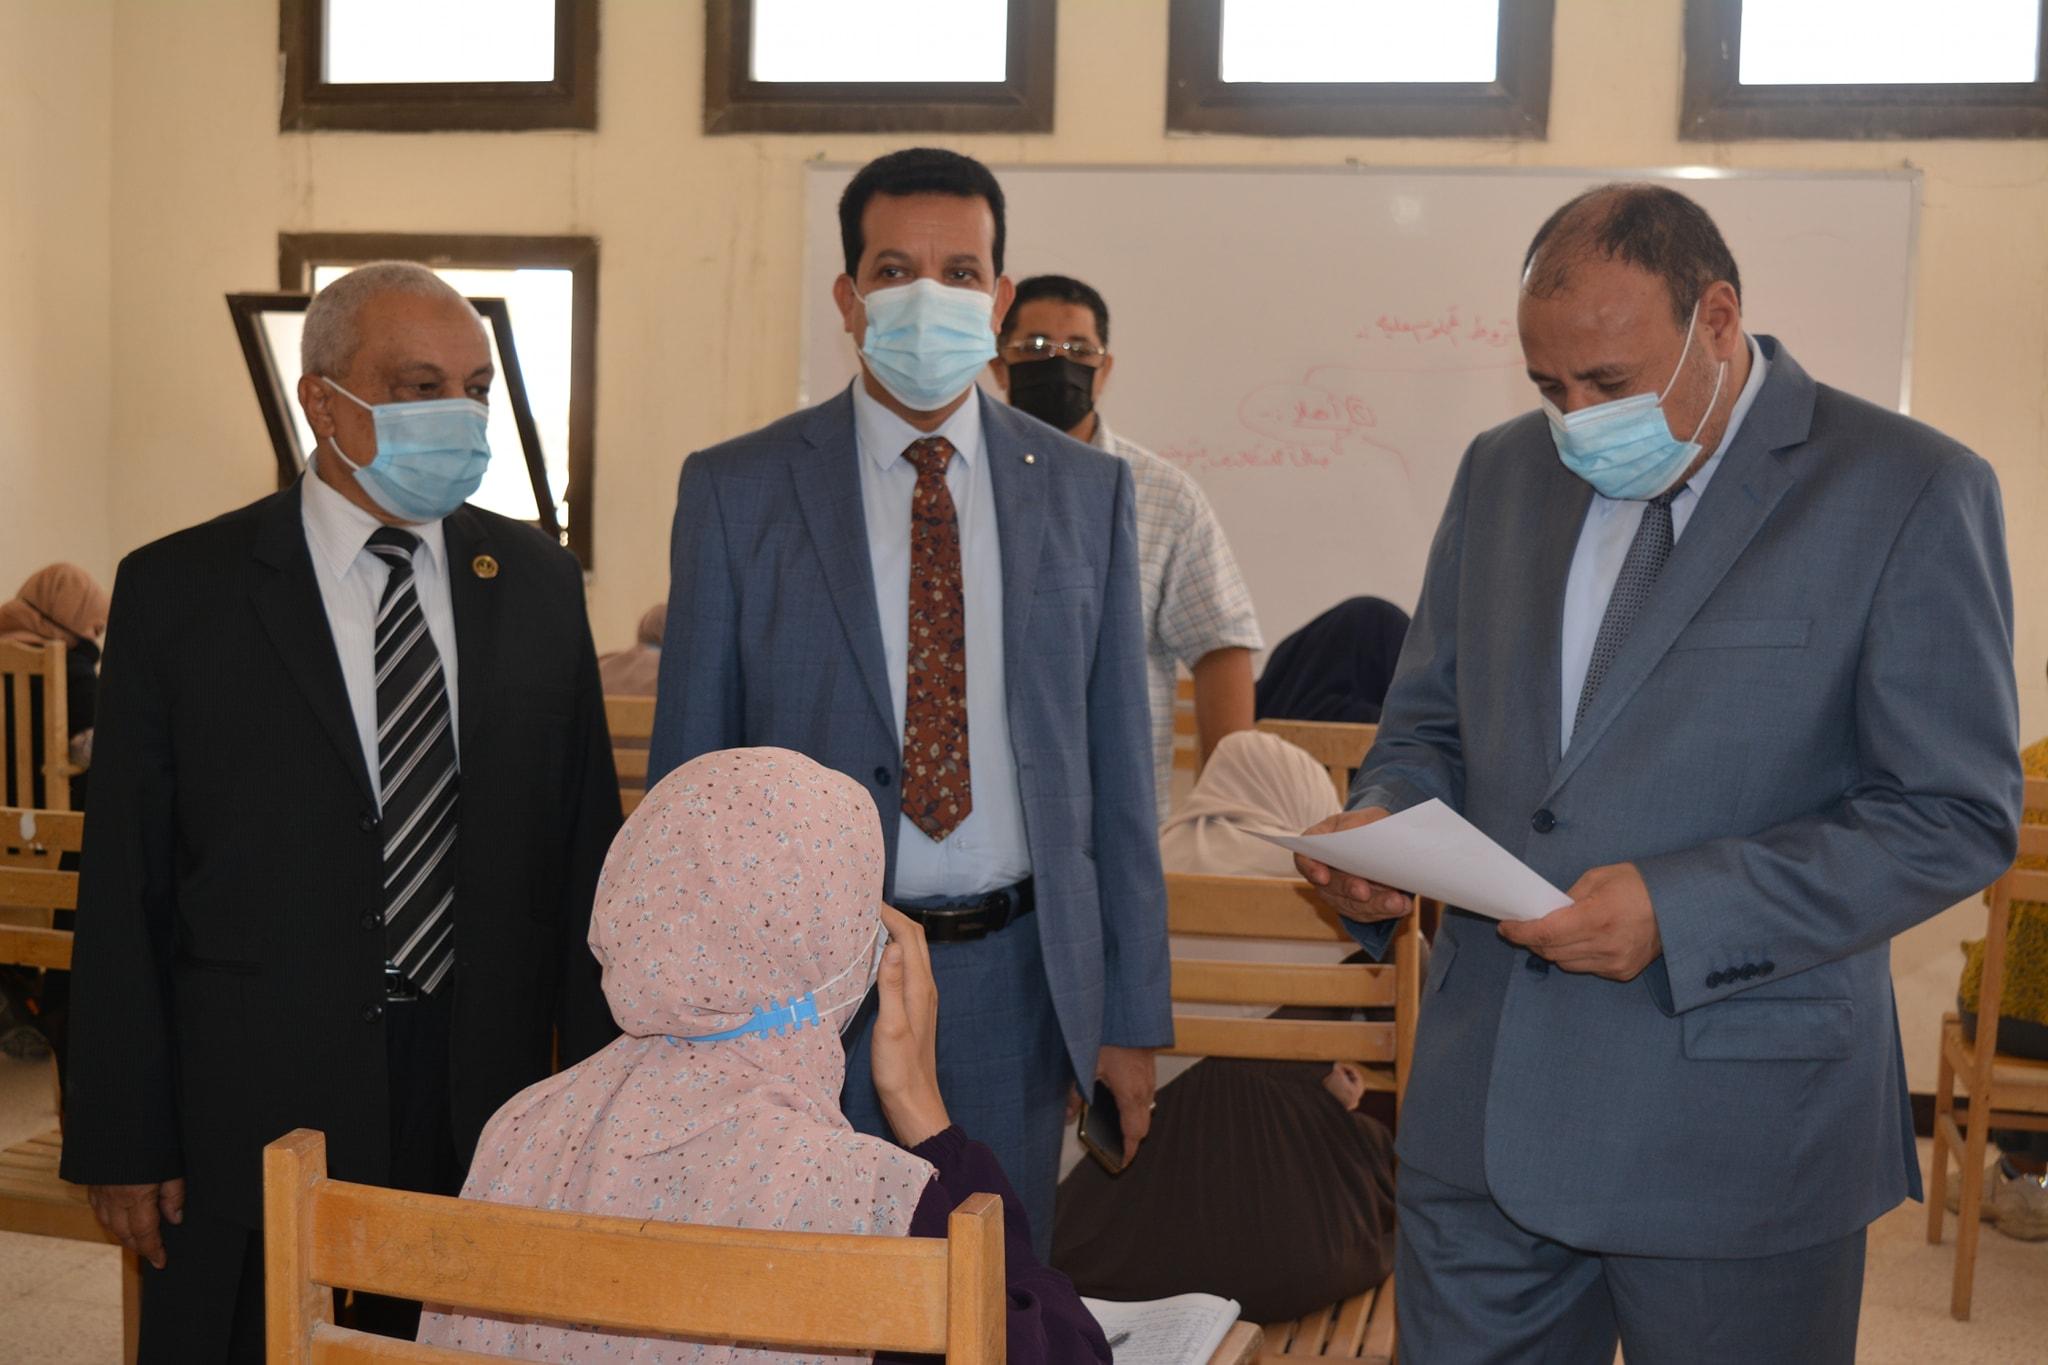 نائب رئيس جامعة الأزهر يواصل جولاته التفقدية لمتابعة انتظام سير أعمال الامتحانات